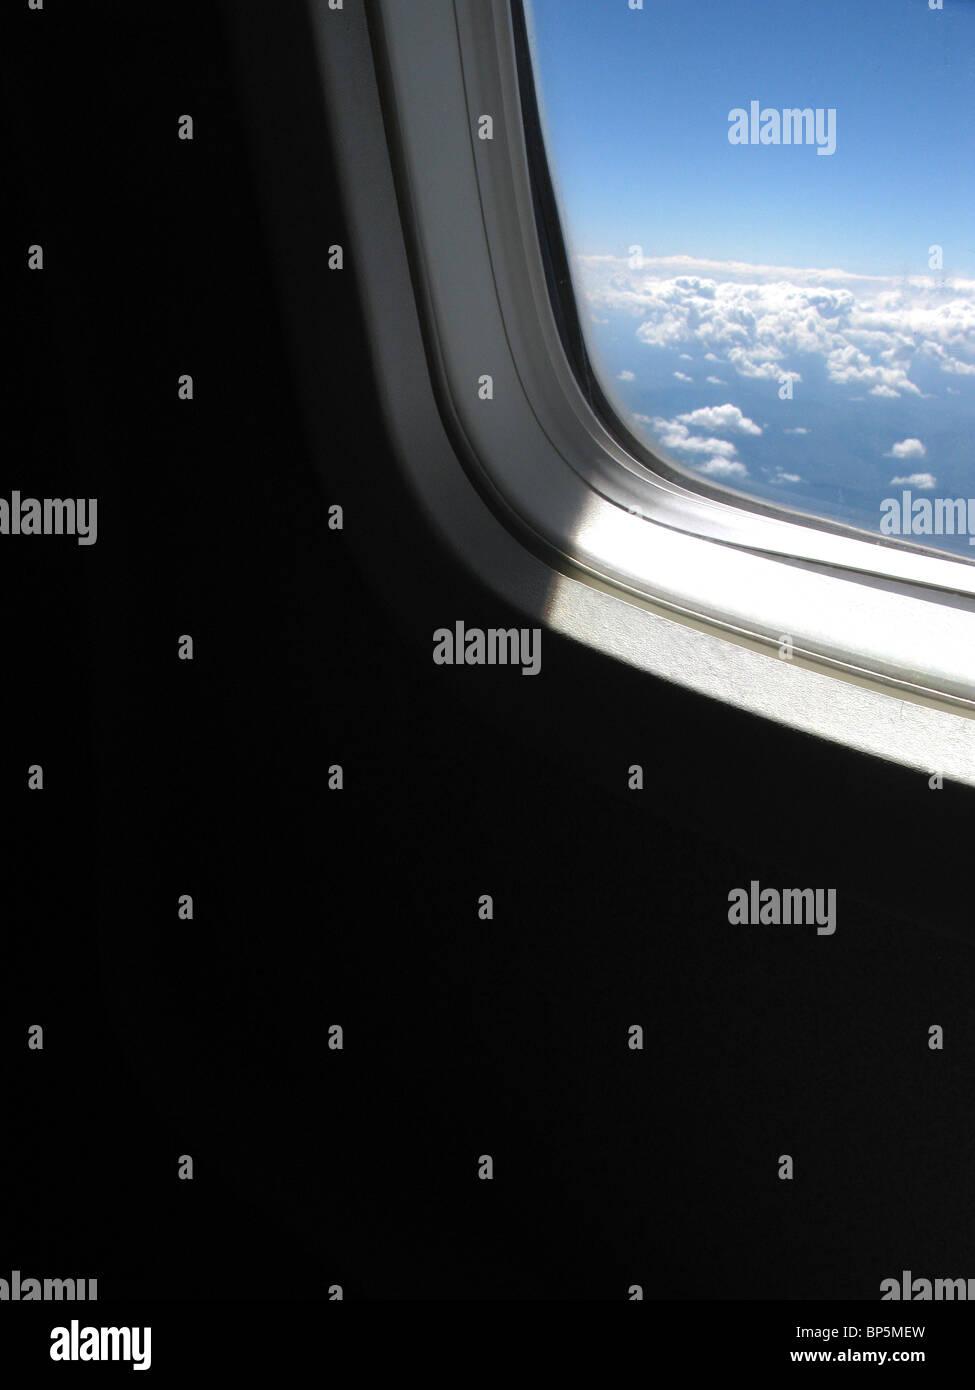 Un passeggero dal punto di vista di un aereo al di fuori della finestra, luce diurna con cielo blu e nuvole Immagini Stock